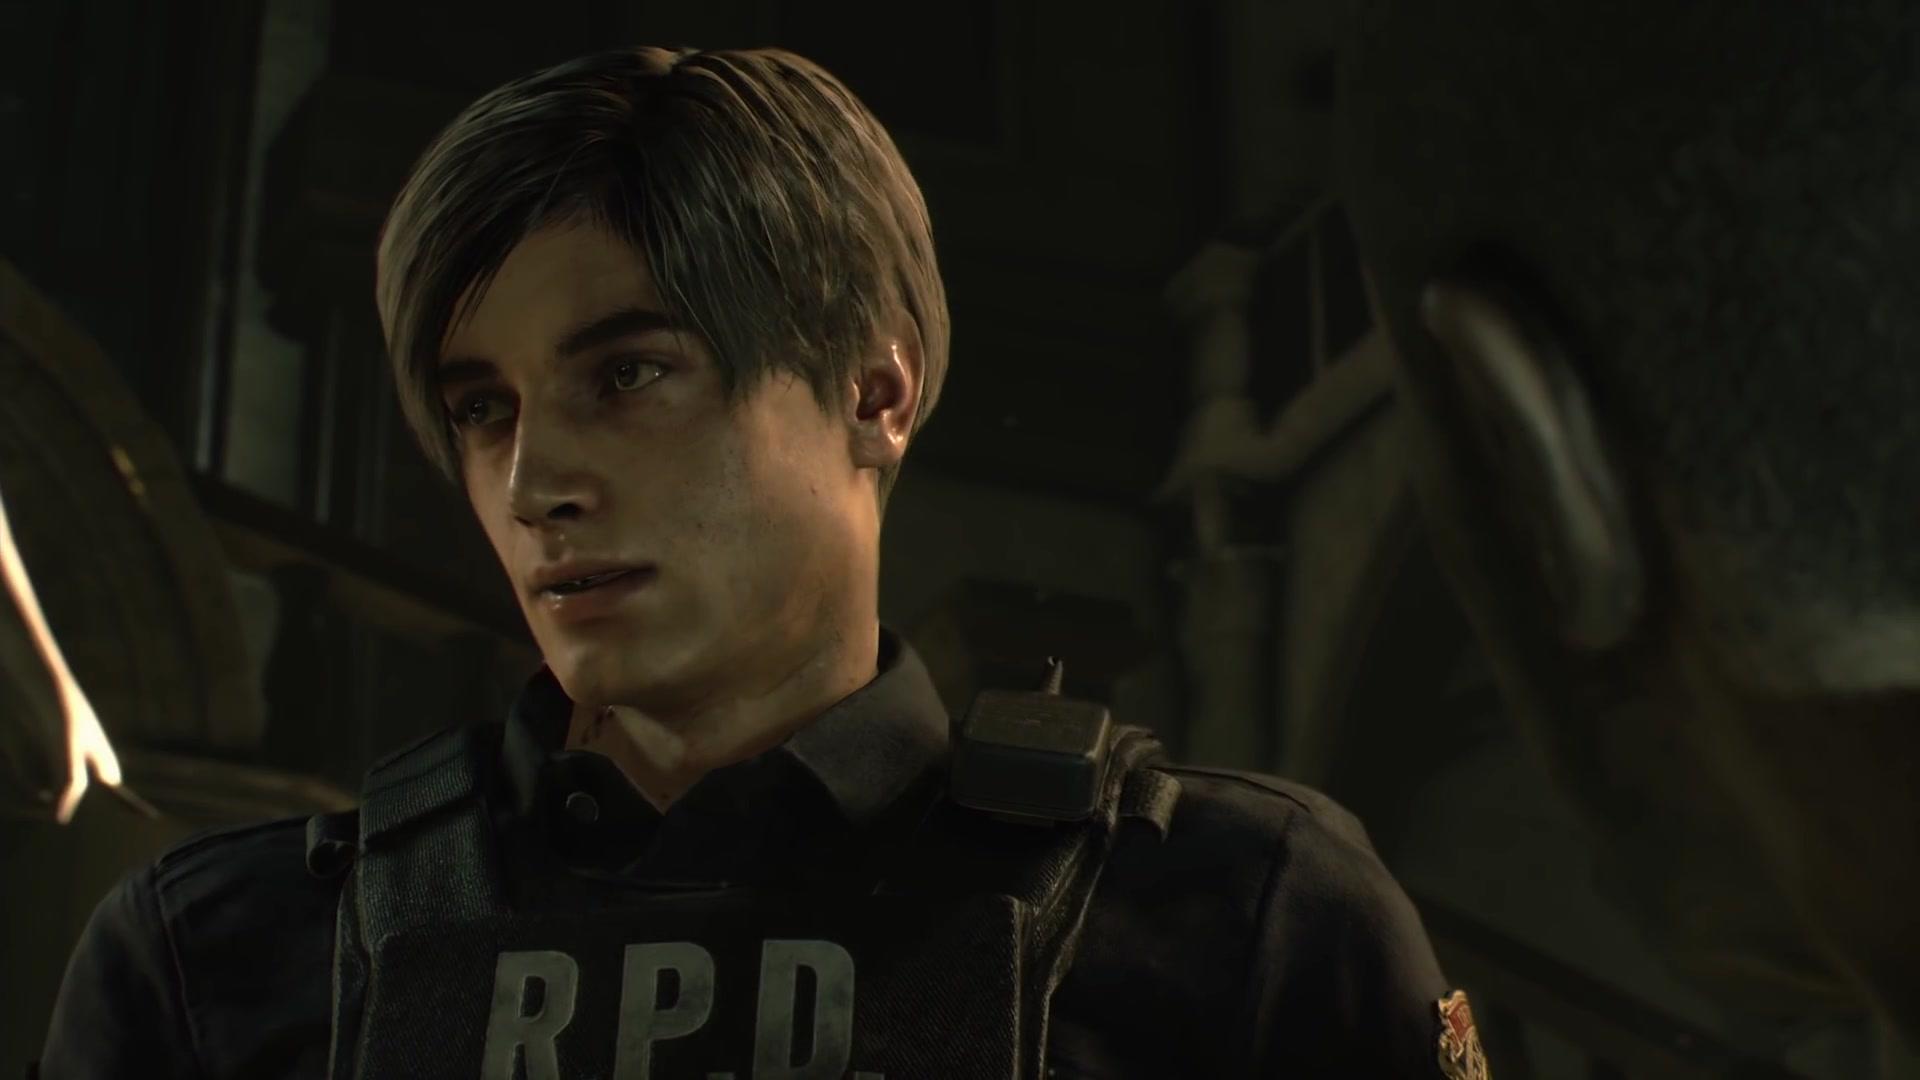 Resident Evil 2 0510.jpg - Resident Evil 2